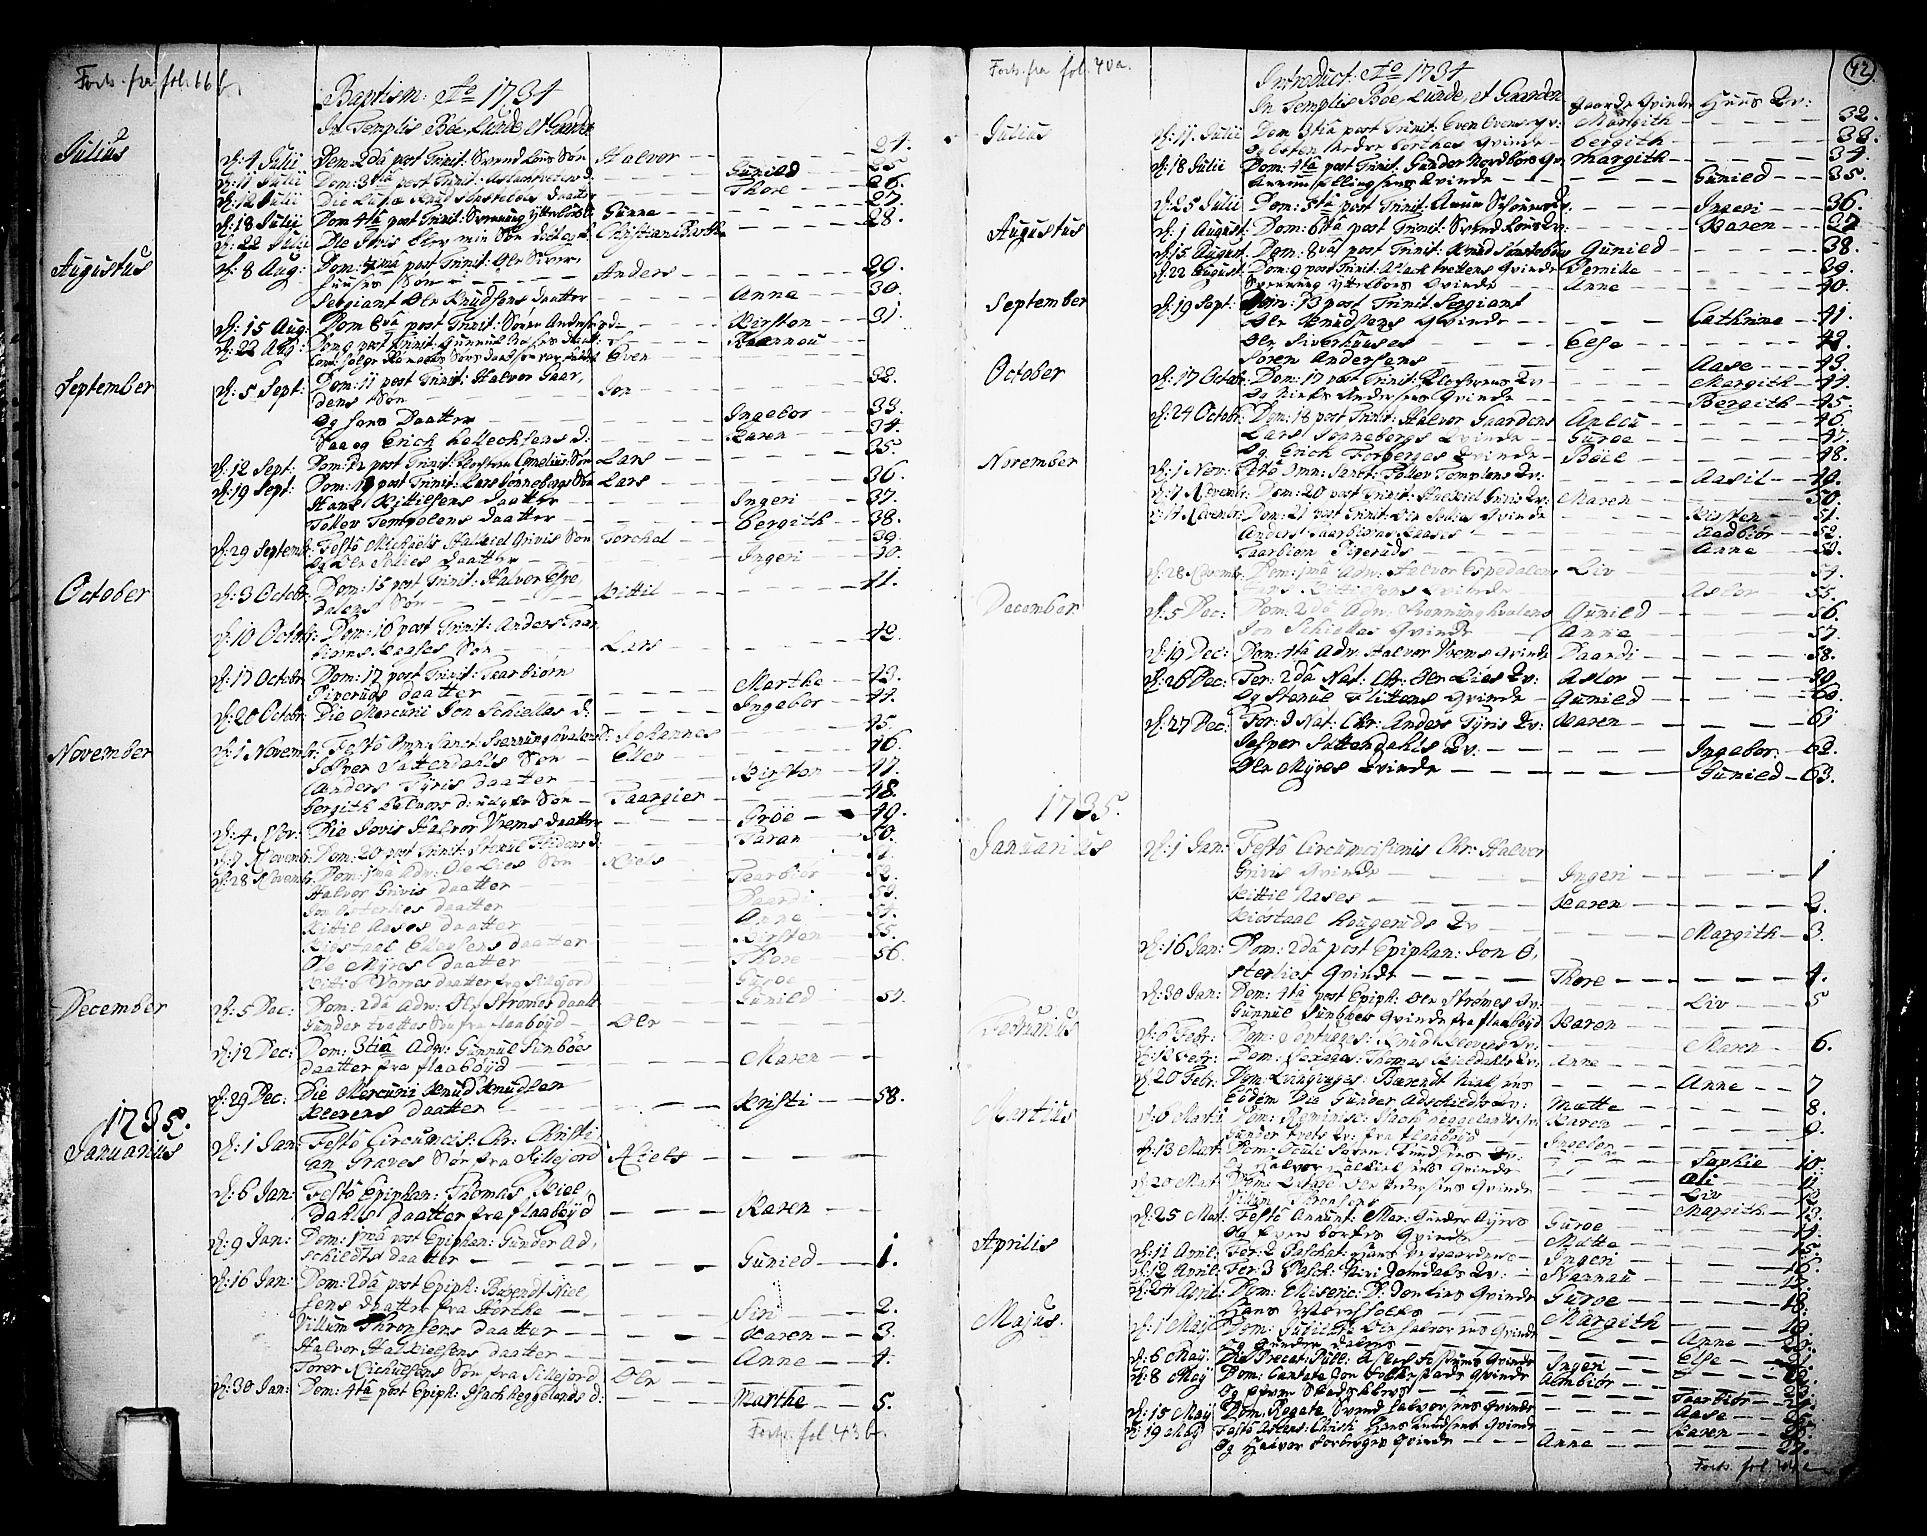 SAKO, Bø kirkebøker, F/Fa/L0003: Ministerialbok nr. 3, 1733-1748, s. 42